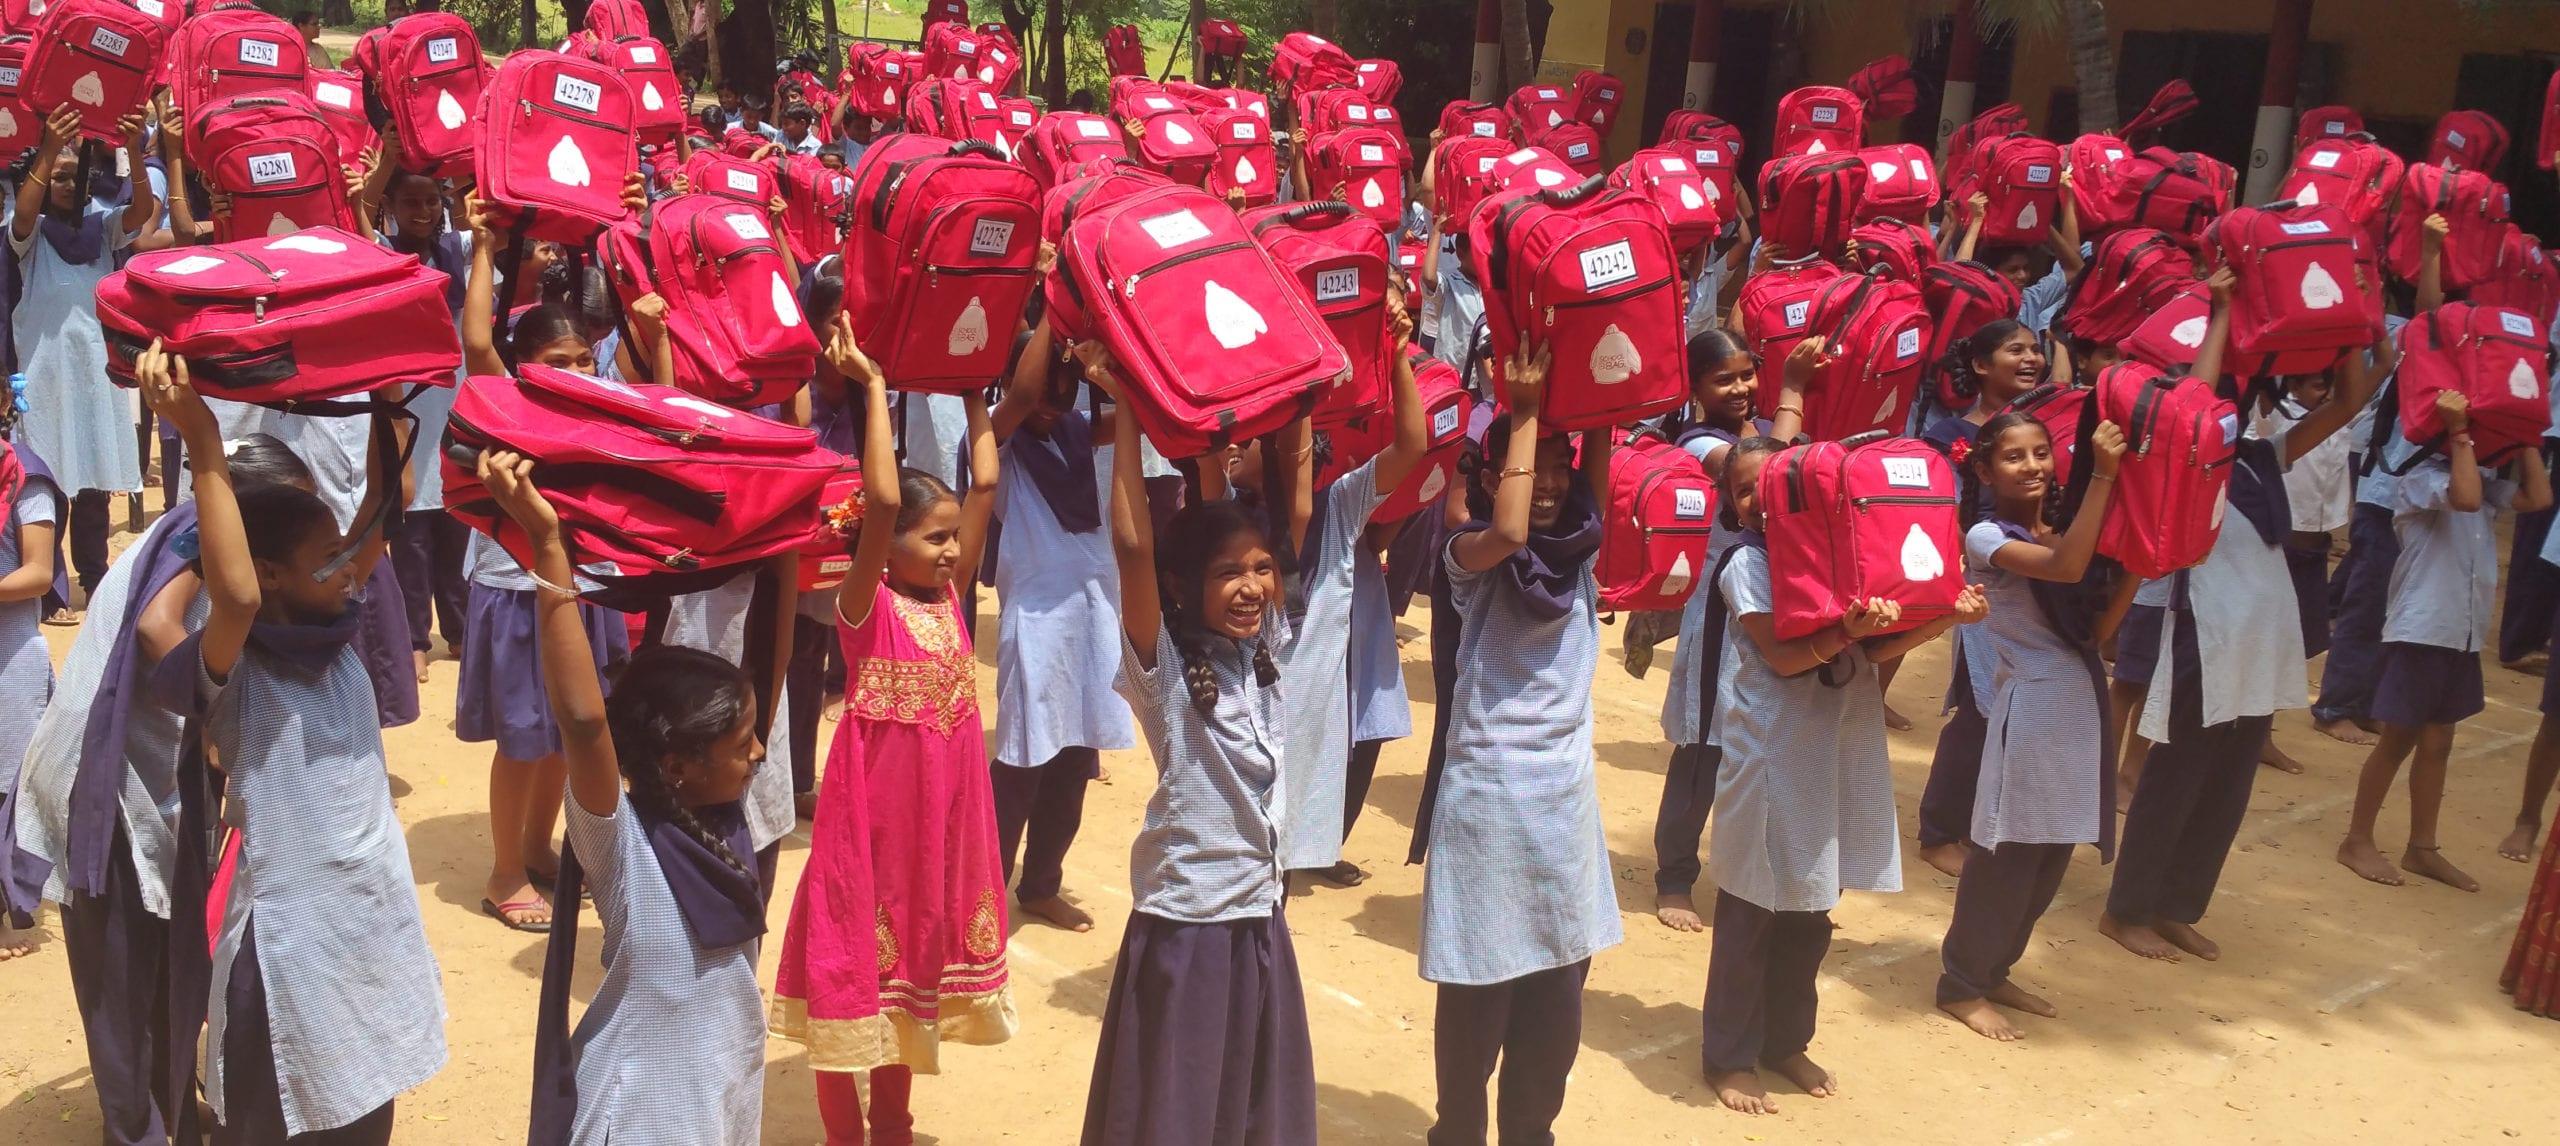 India SchoolBags